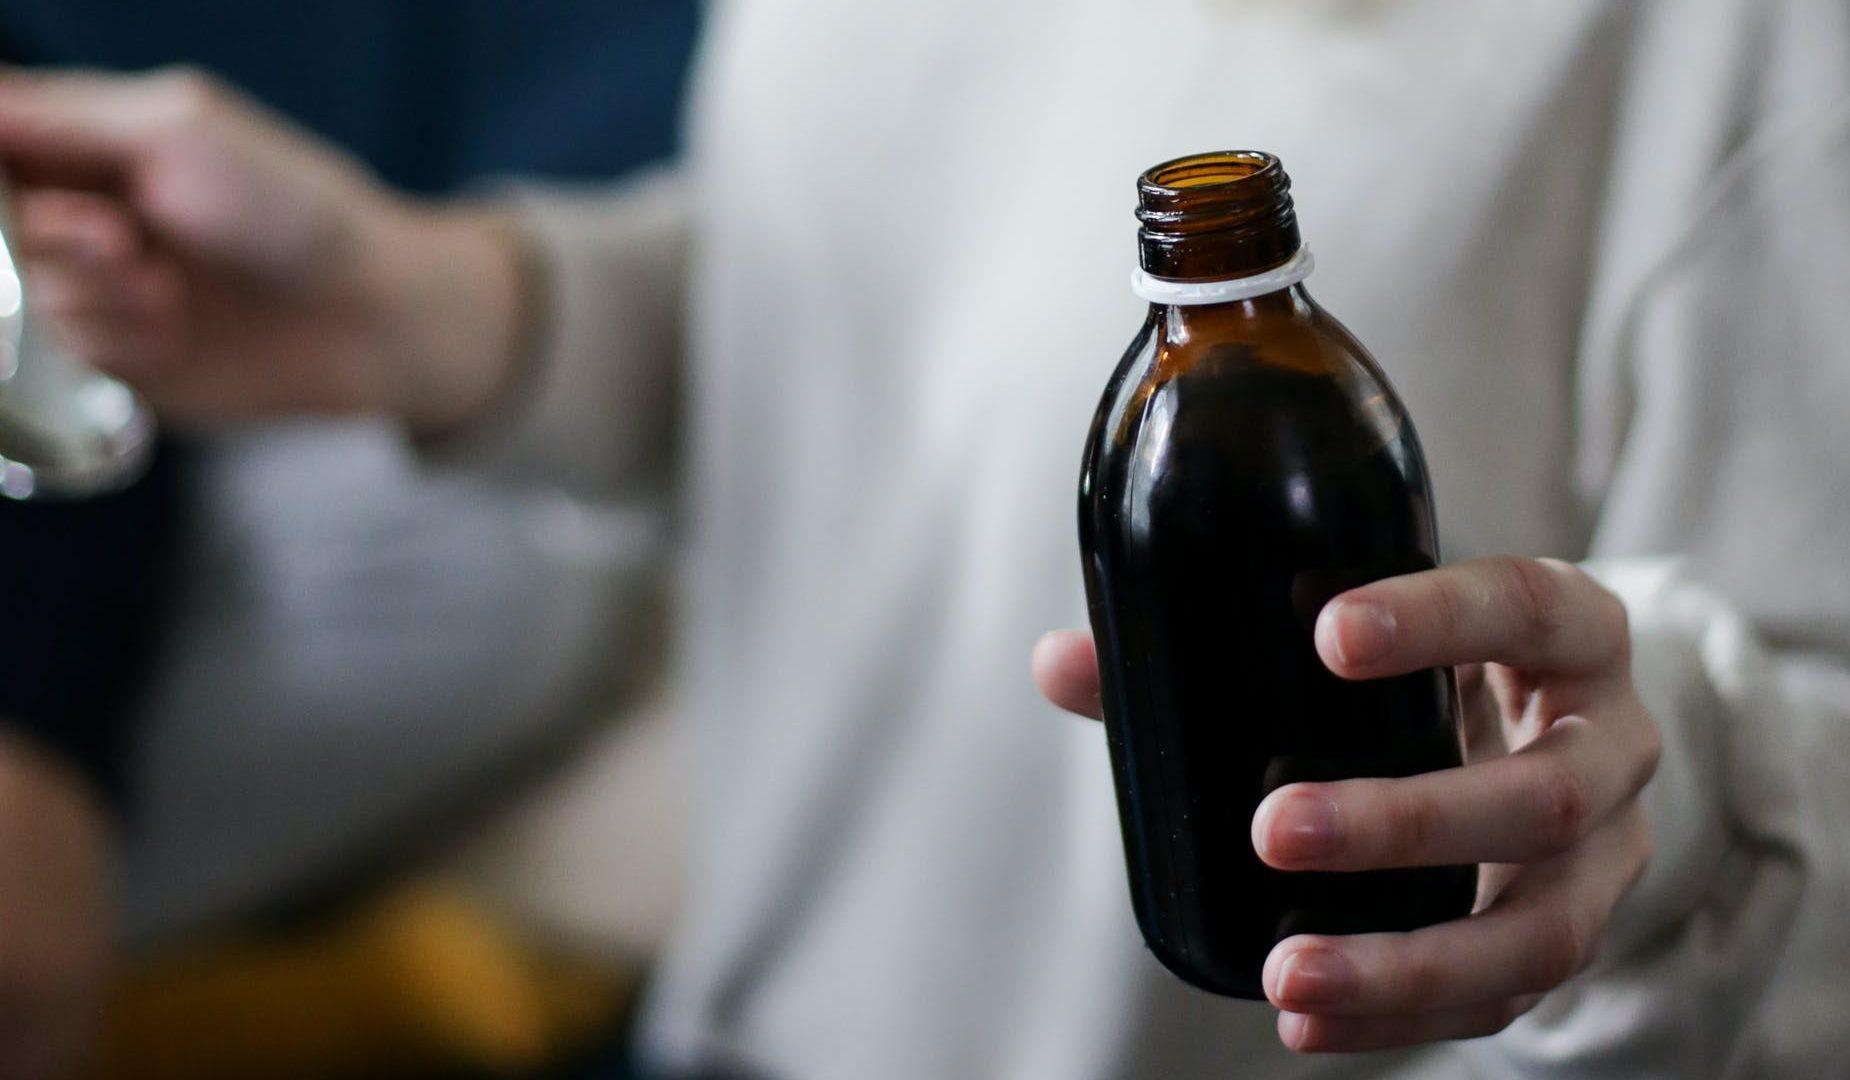 bäst receptfri hostmedicin 2021